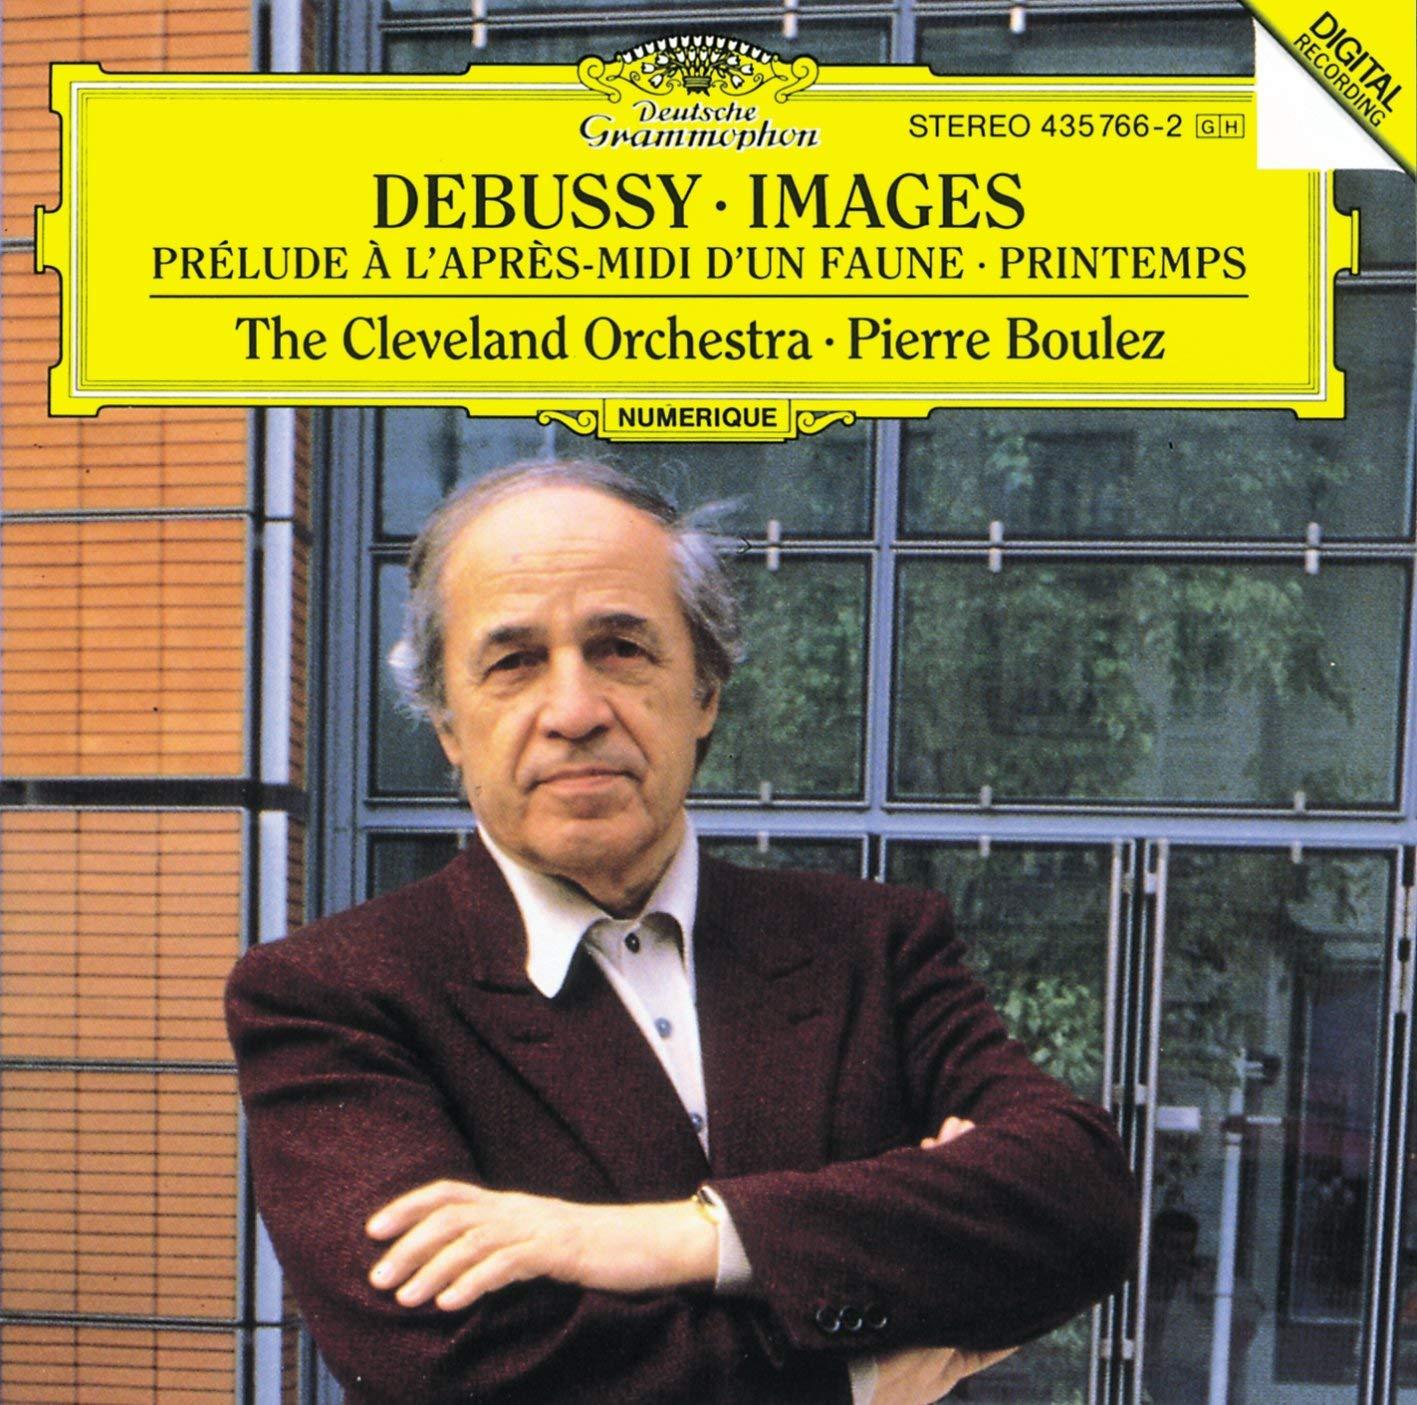 Debussy: Images / Prélude à l'après-midi d'un faune / Printemps by Deutsche Grammophon